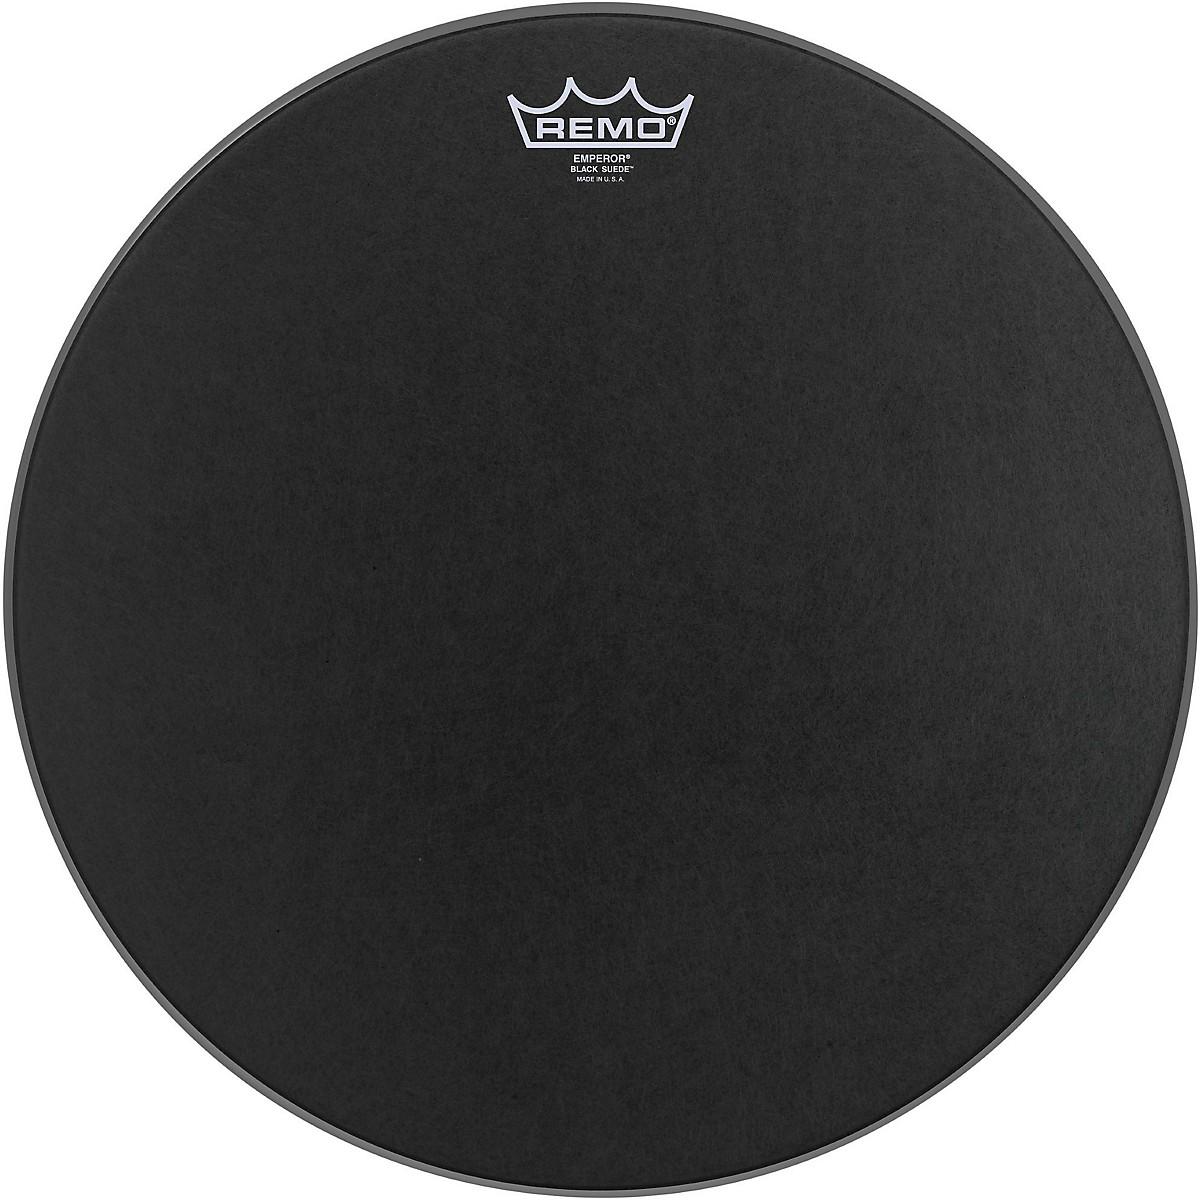 Remo Black Suede Emperor Batter Drumhead